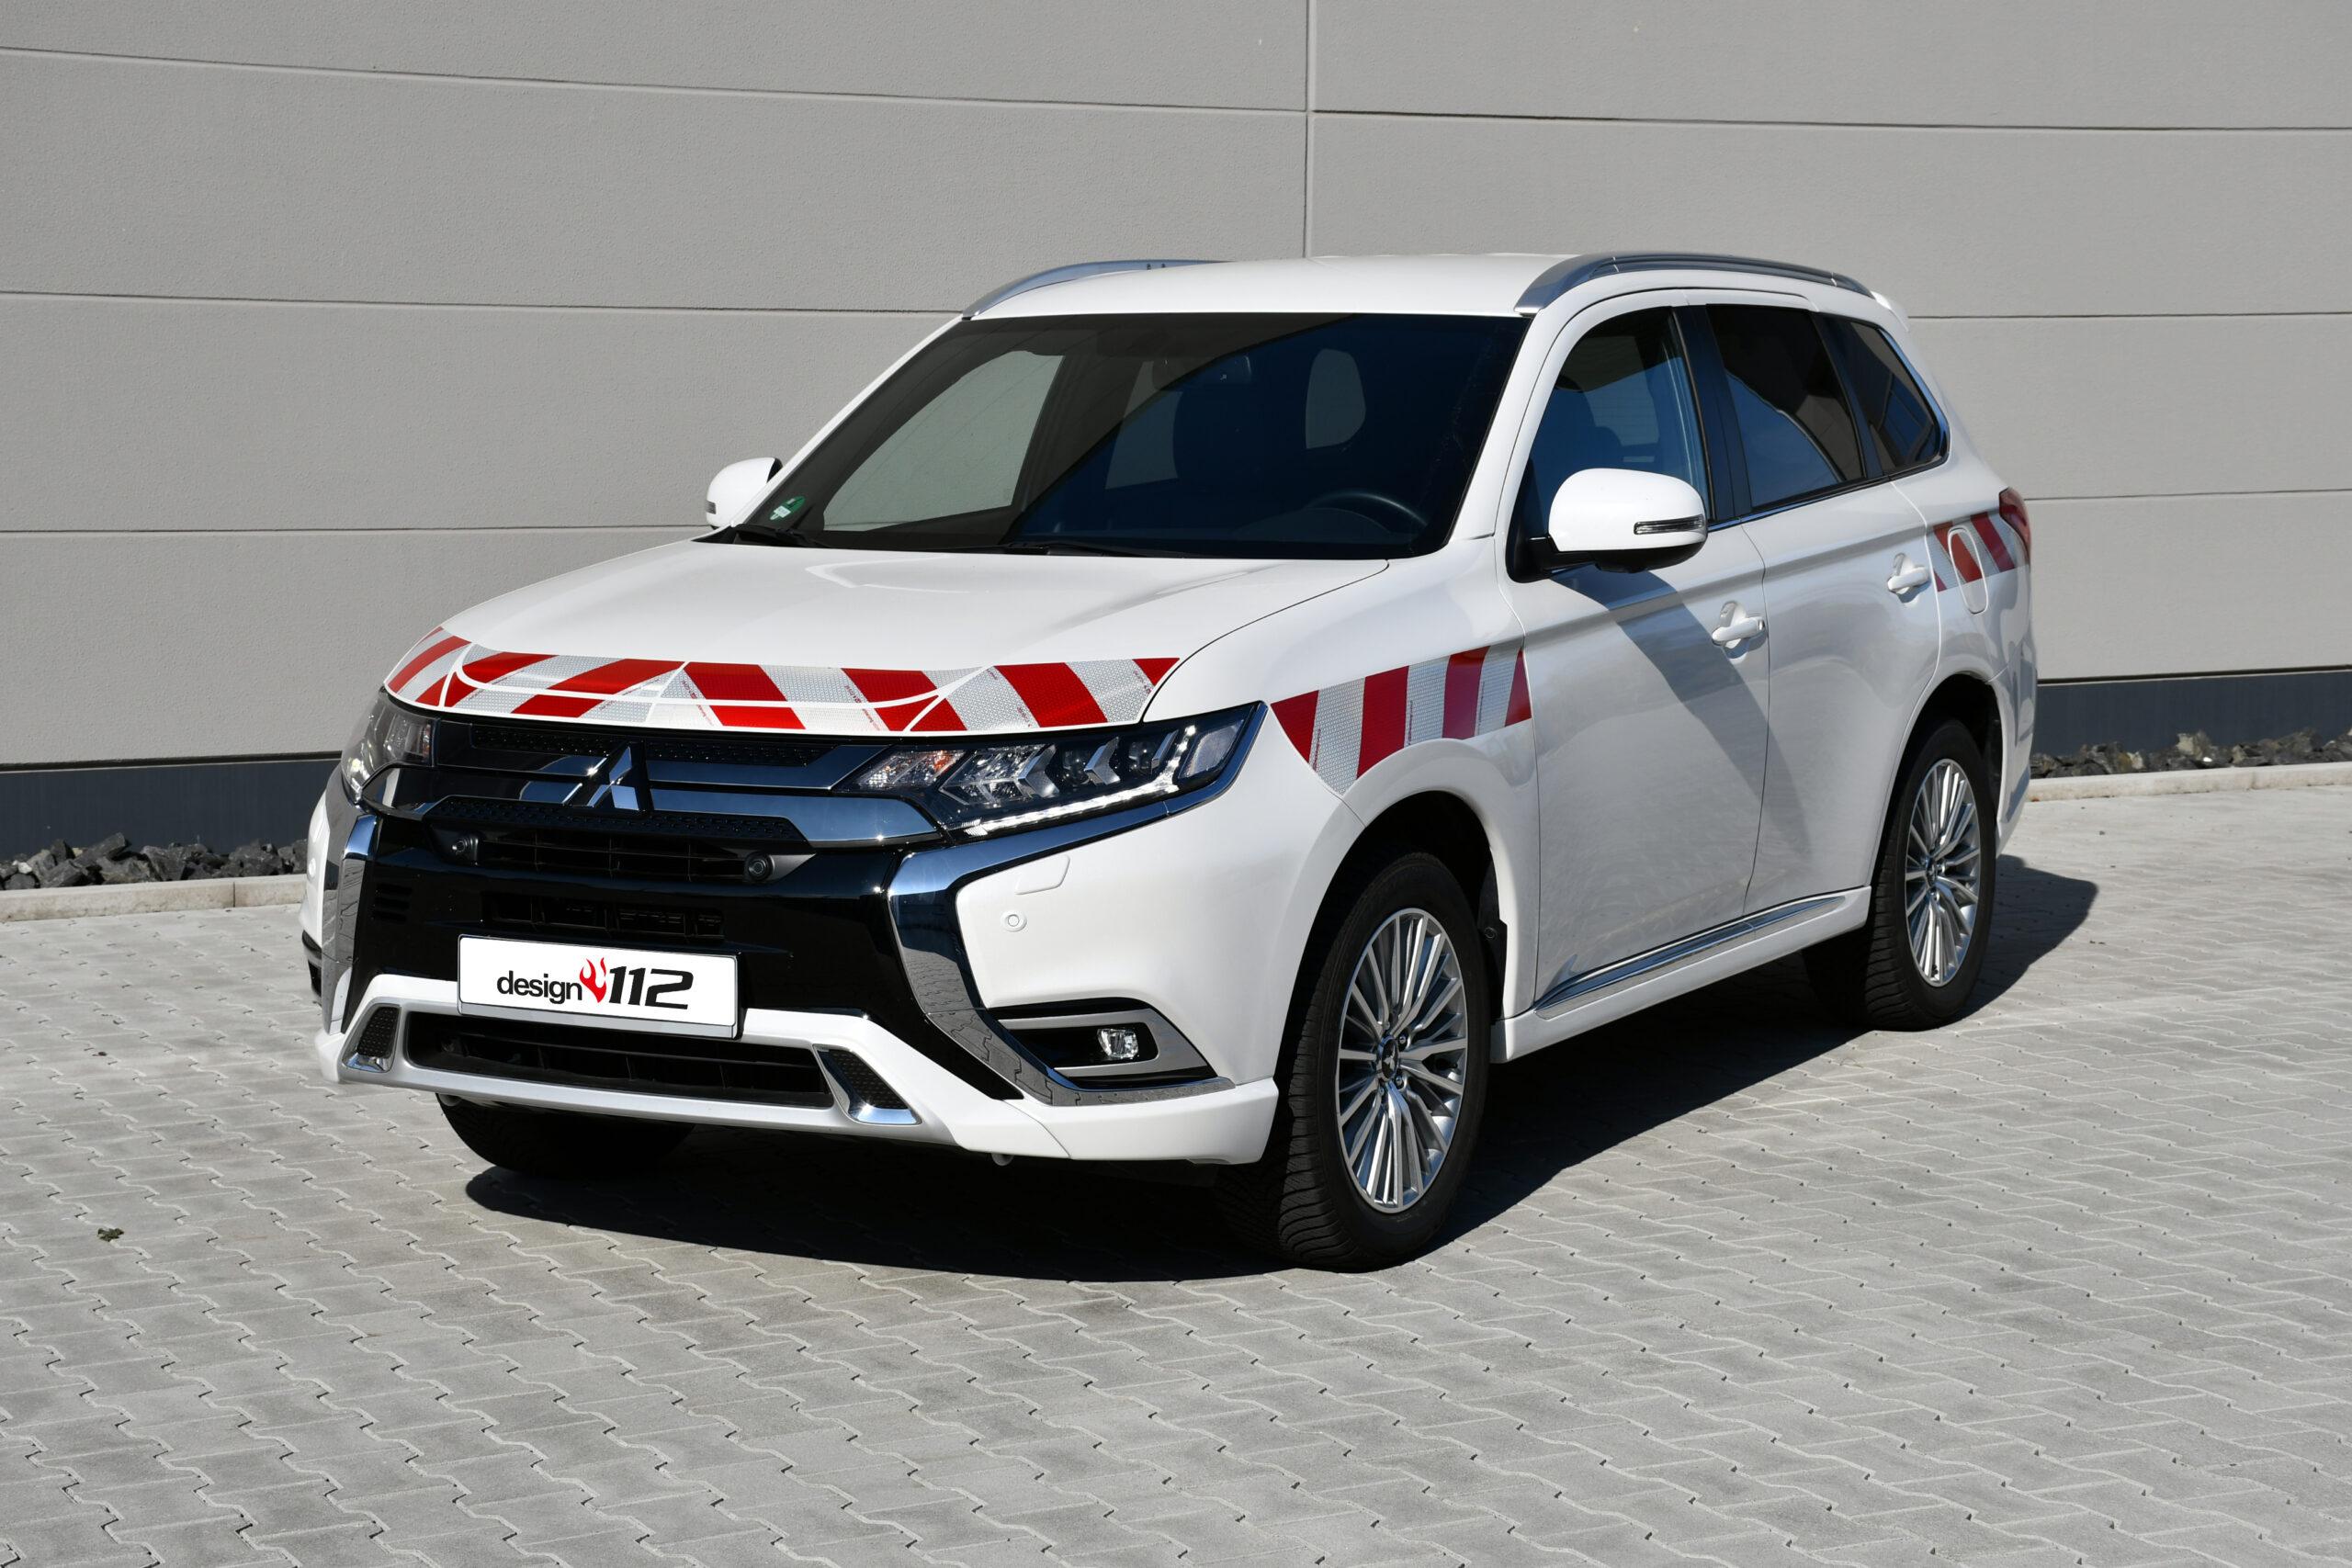 Mitsubishi Outlander (PHEV) – Passgenaue Warnmarkierung gem. DIN 30710